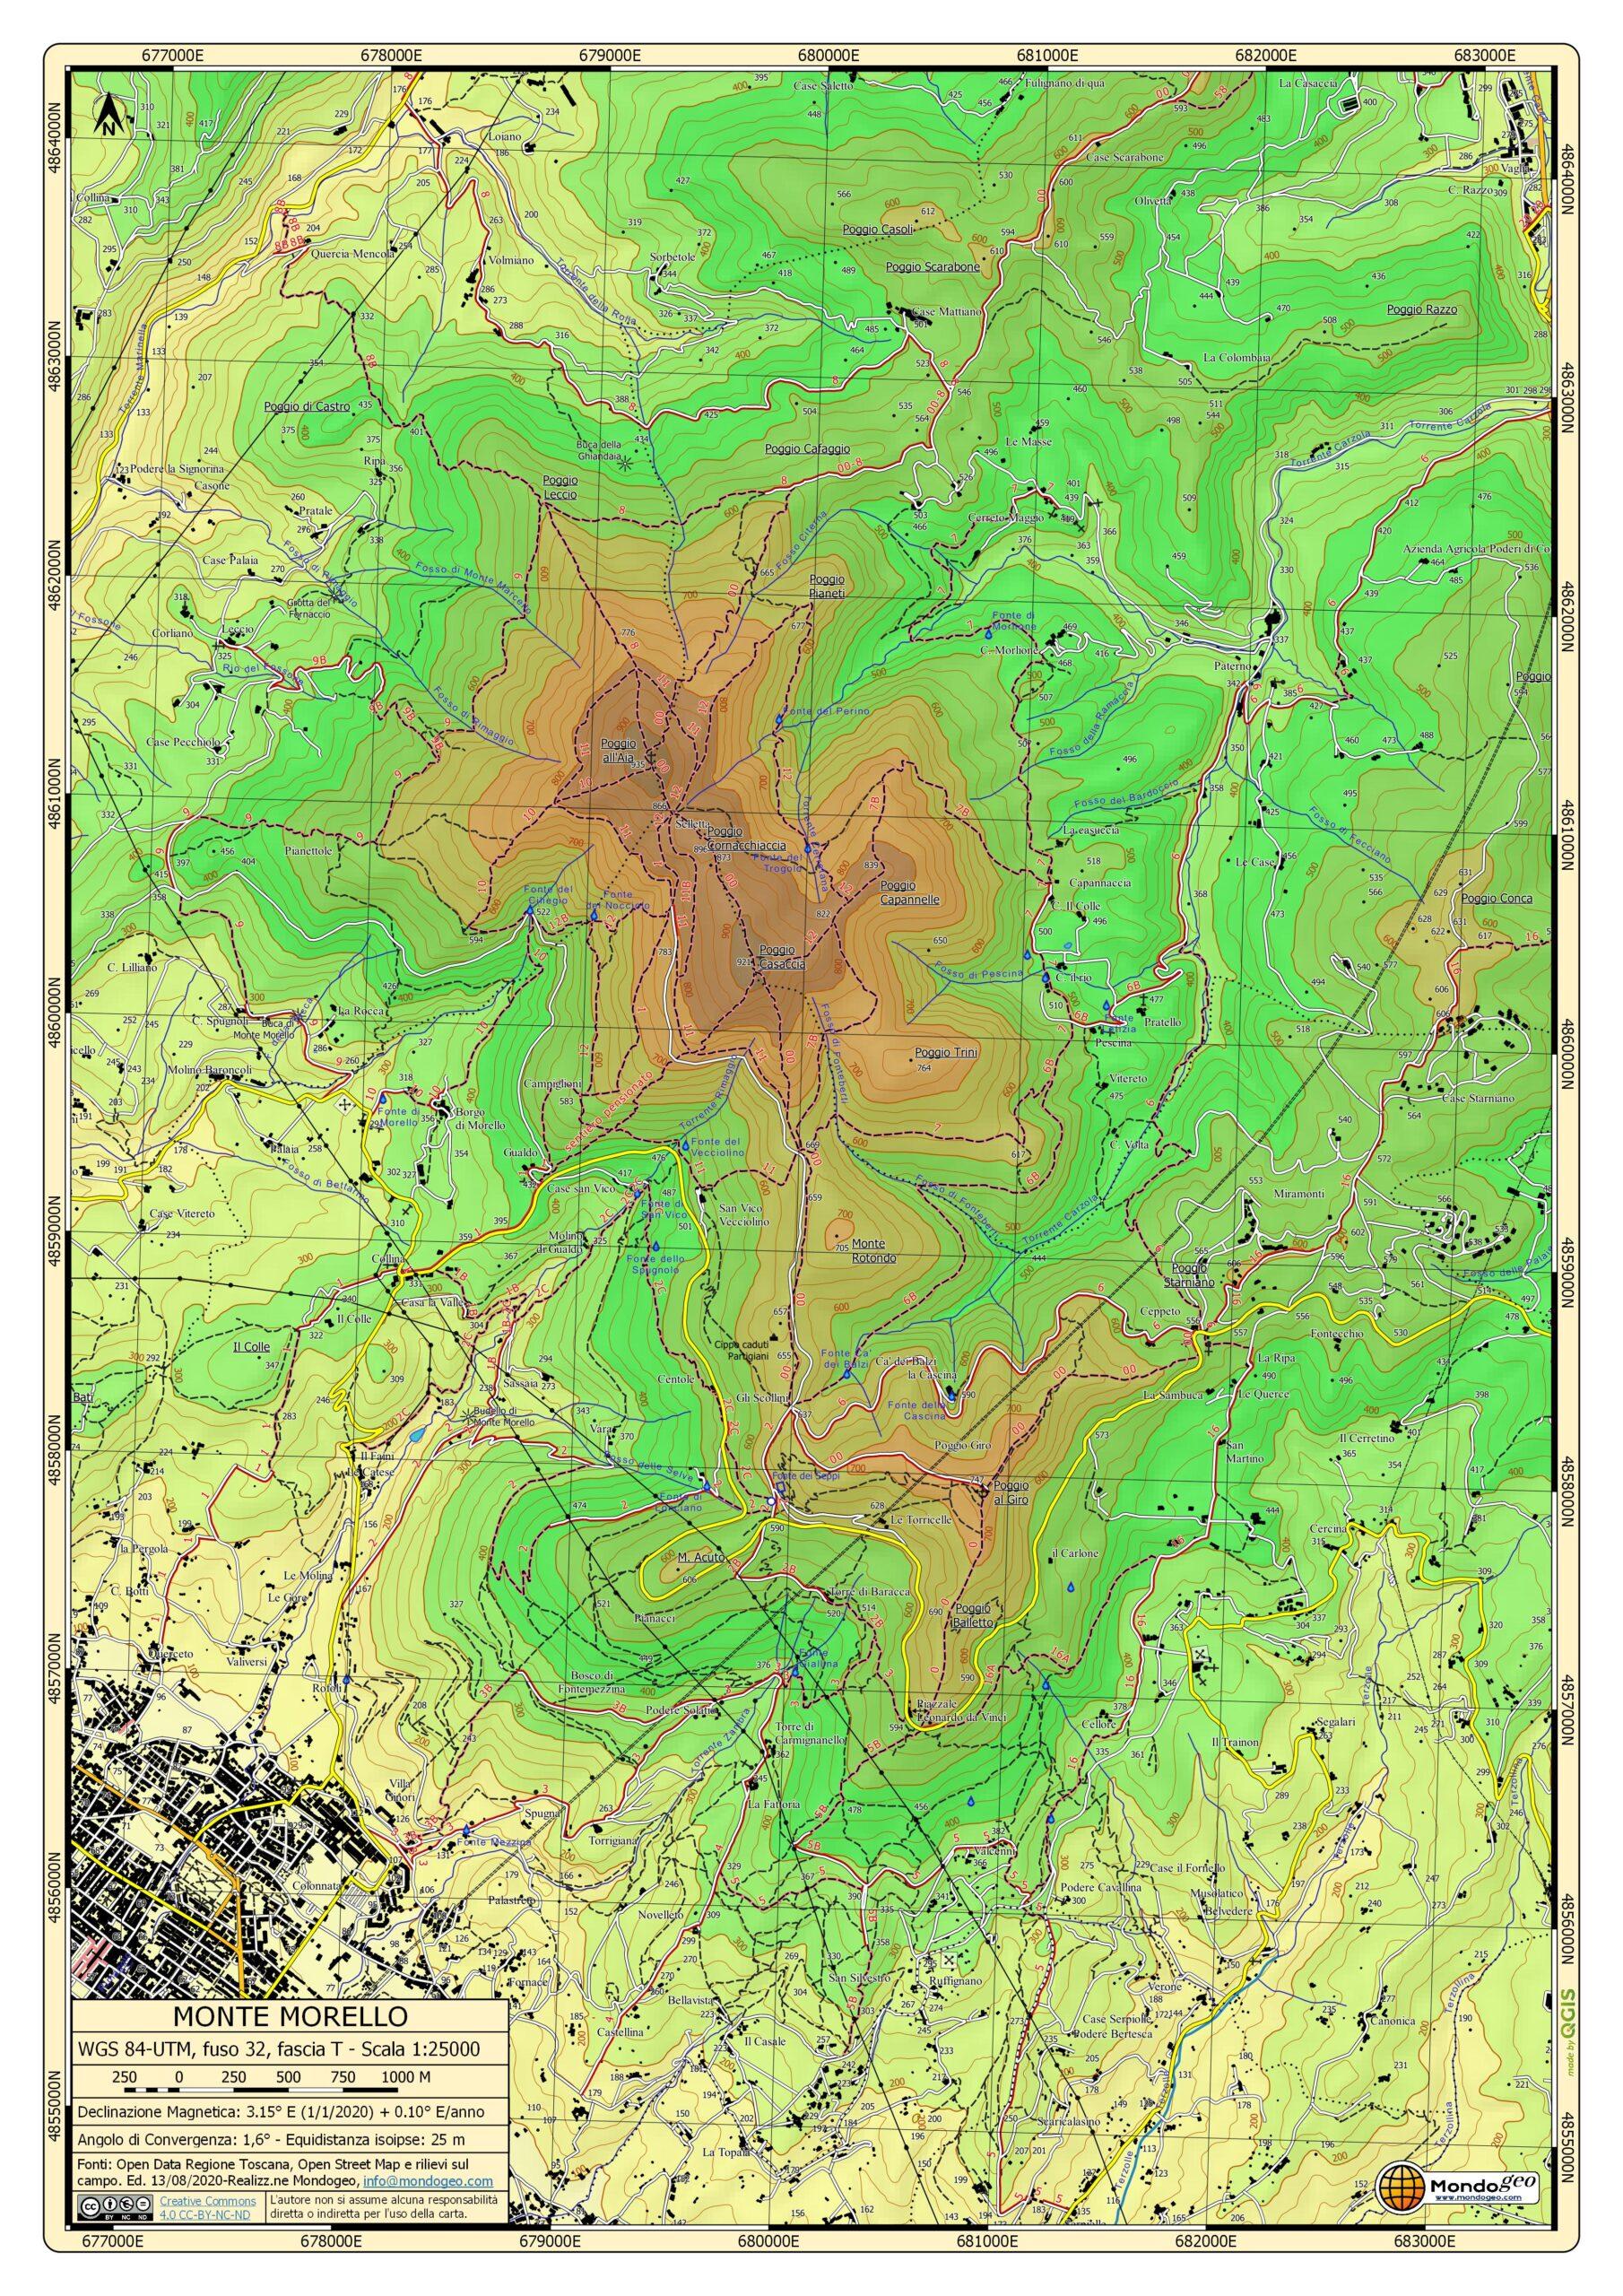 Mappa di Monte Morello con fasce altimentriche